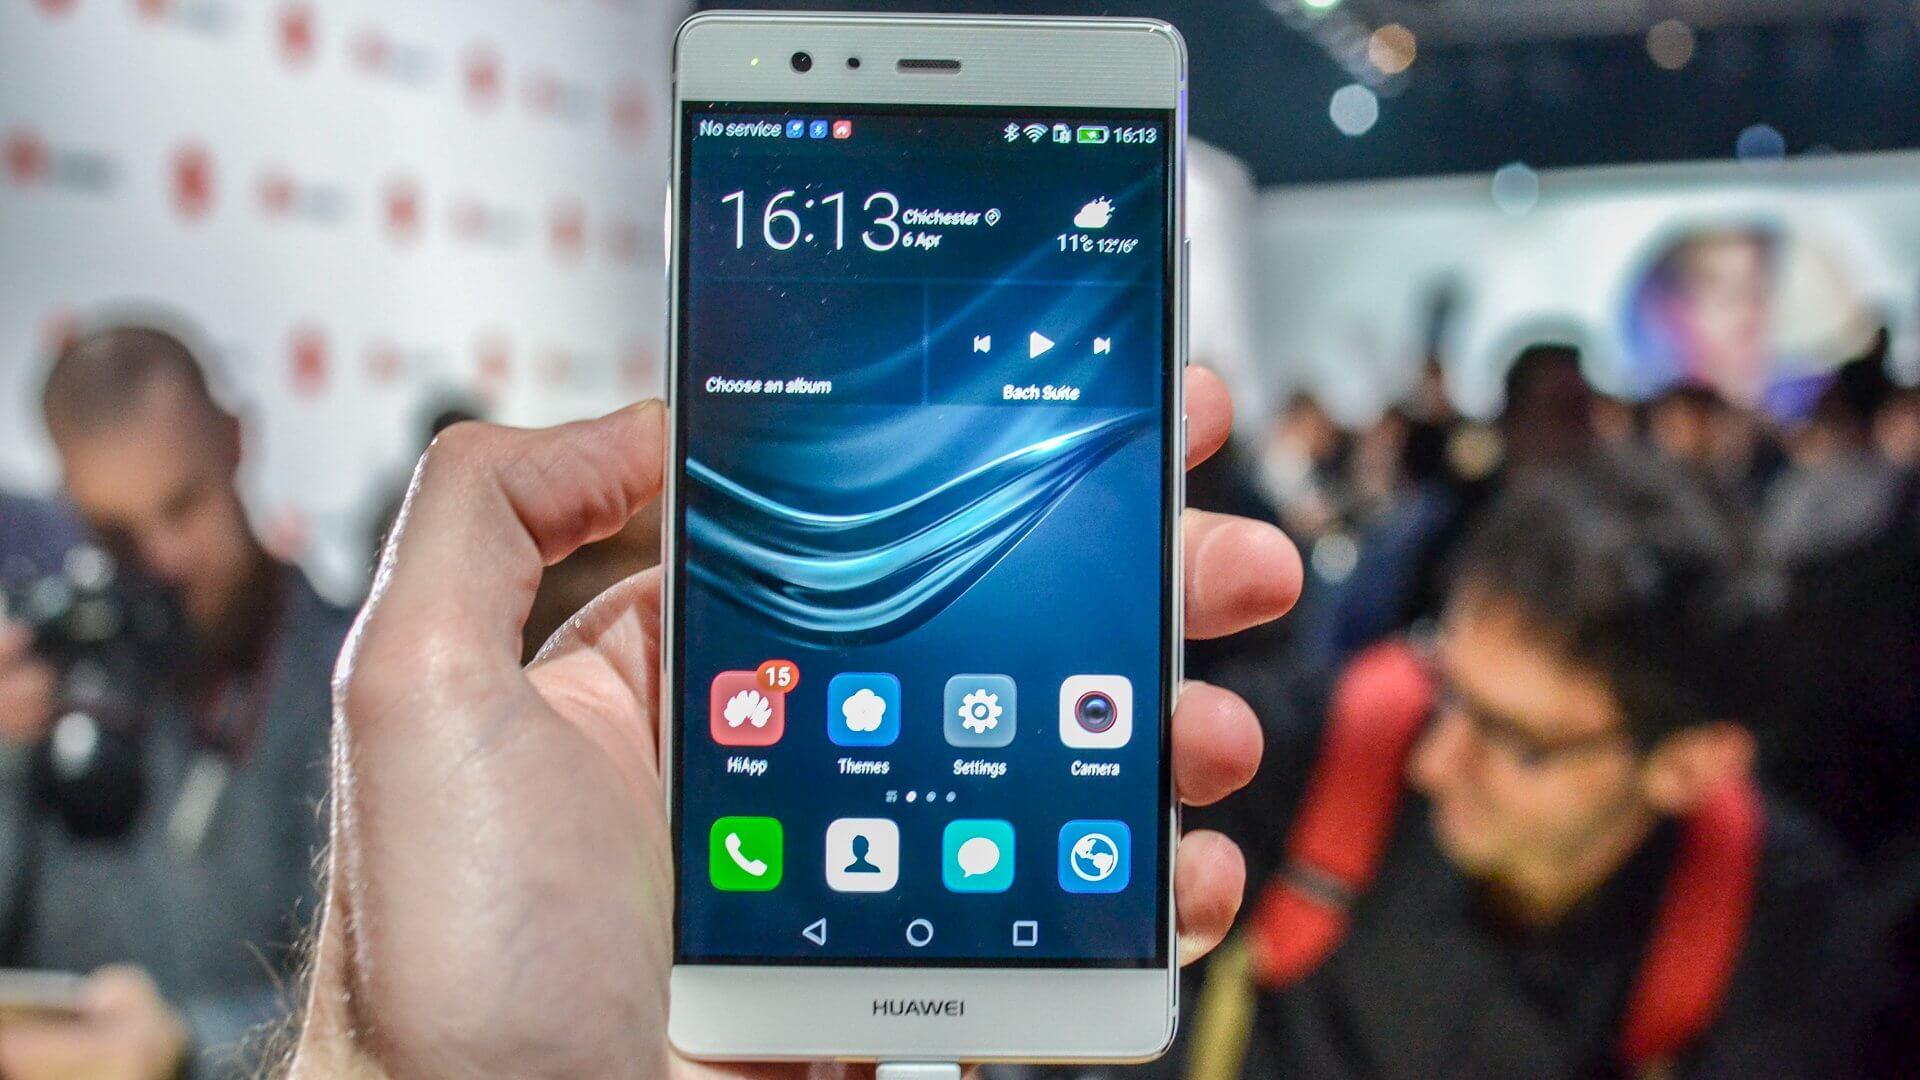 Huawei P9 Ekran Fiyatı ve Değişim Süreci